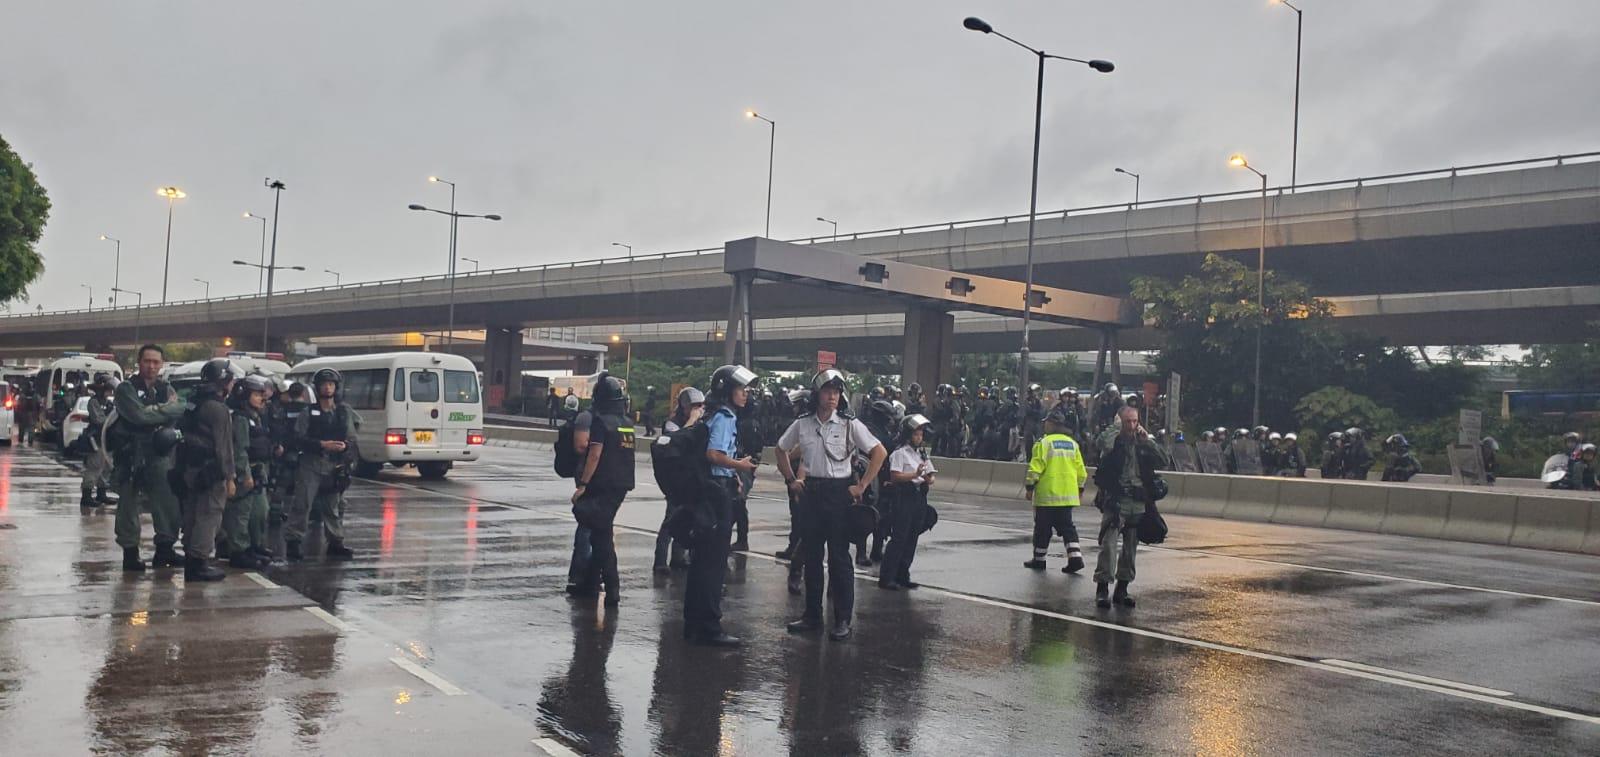 干諾道西及正街交界有大批警員聚集。